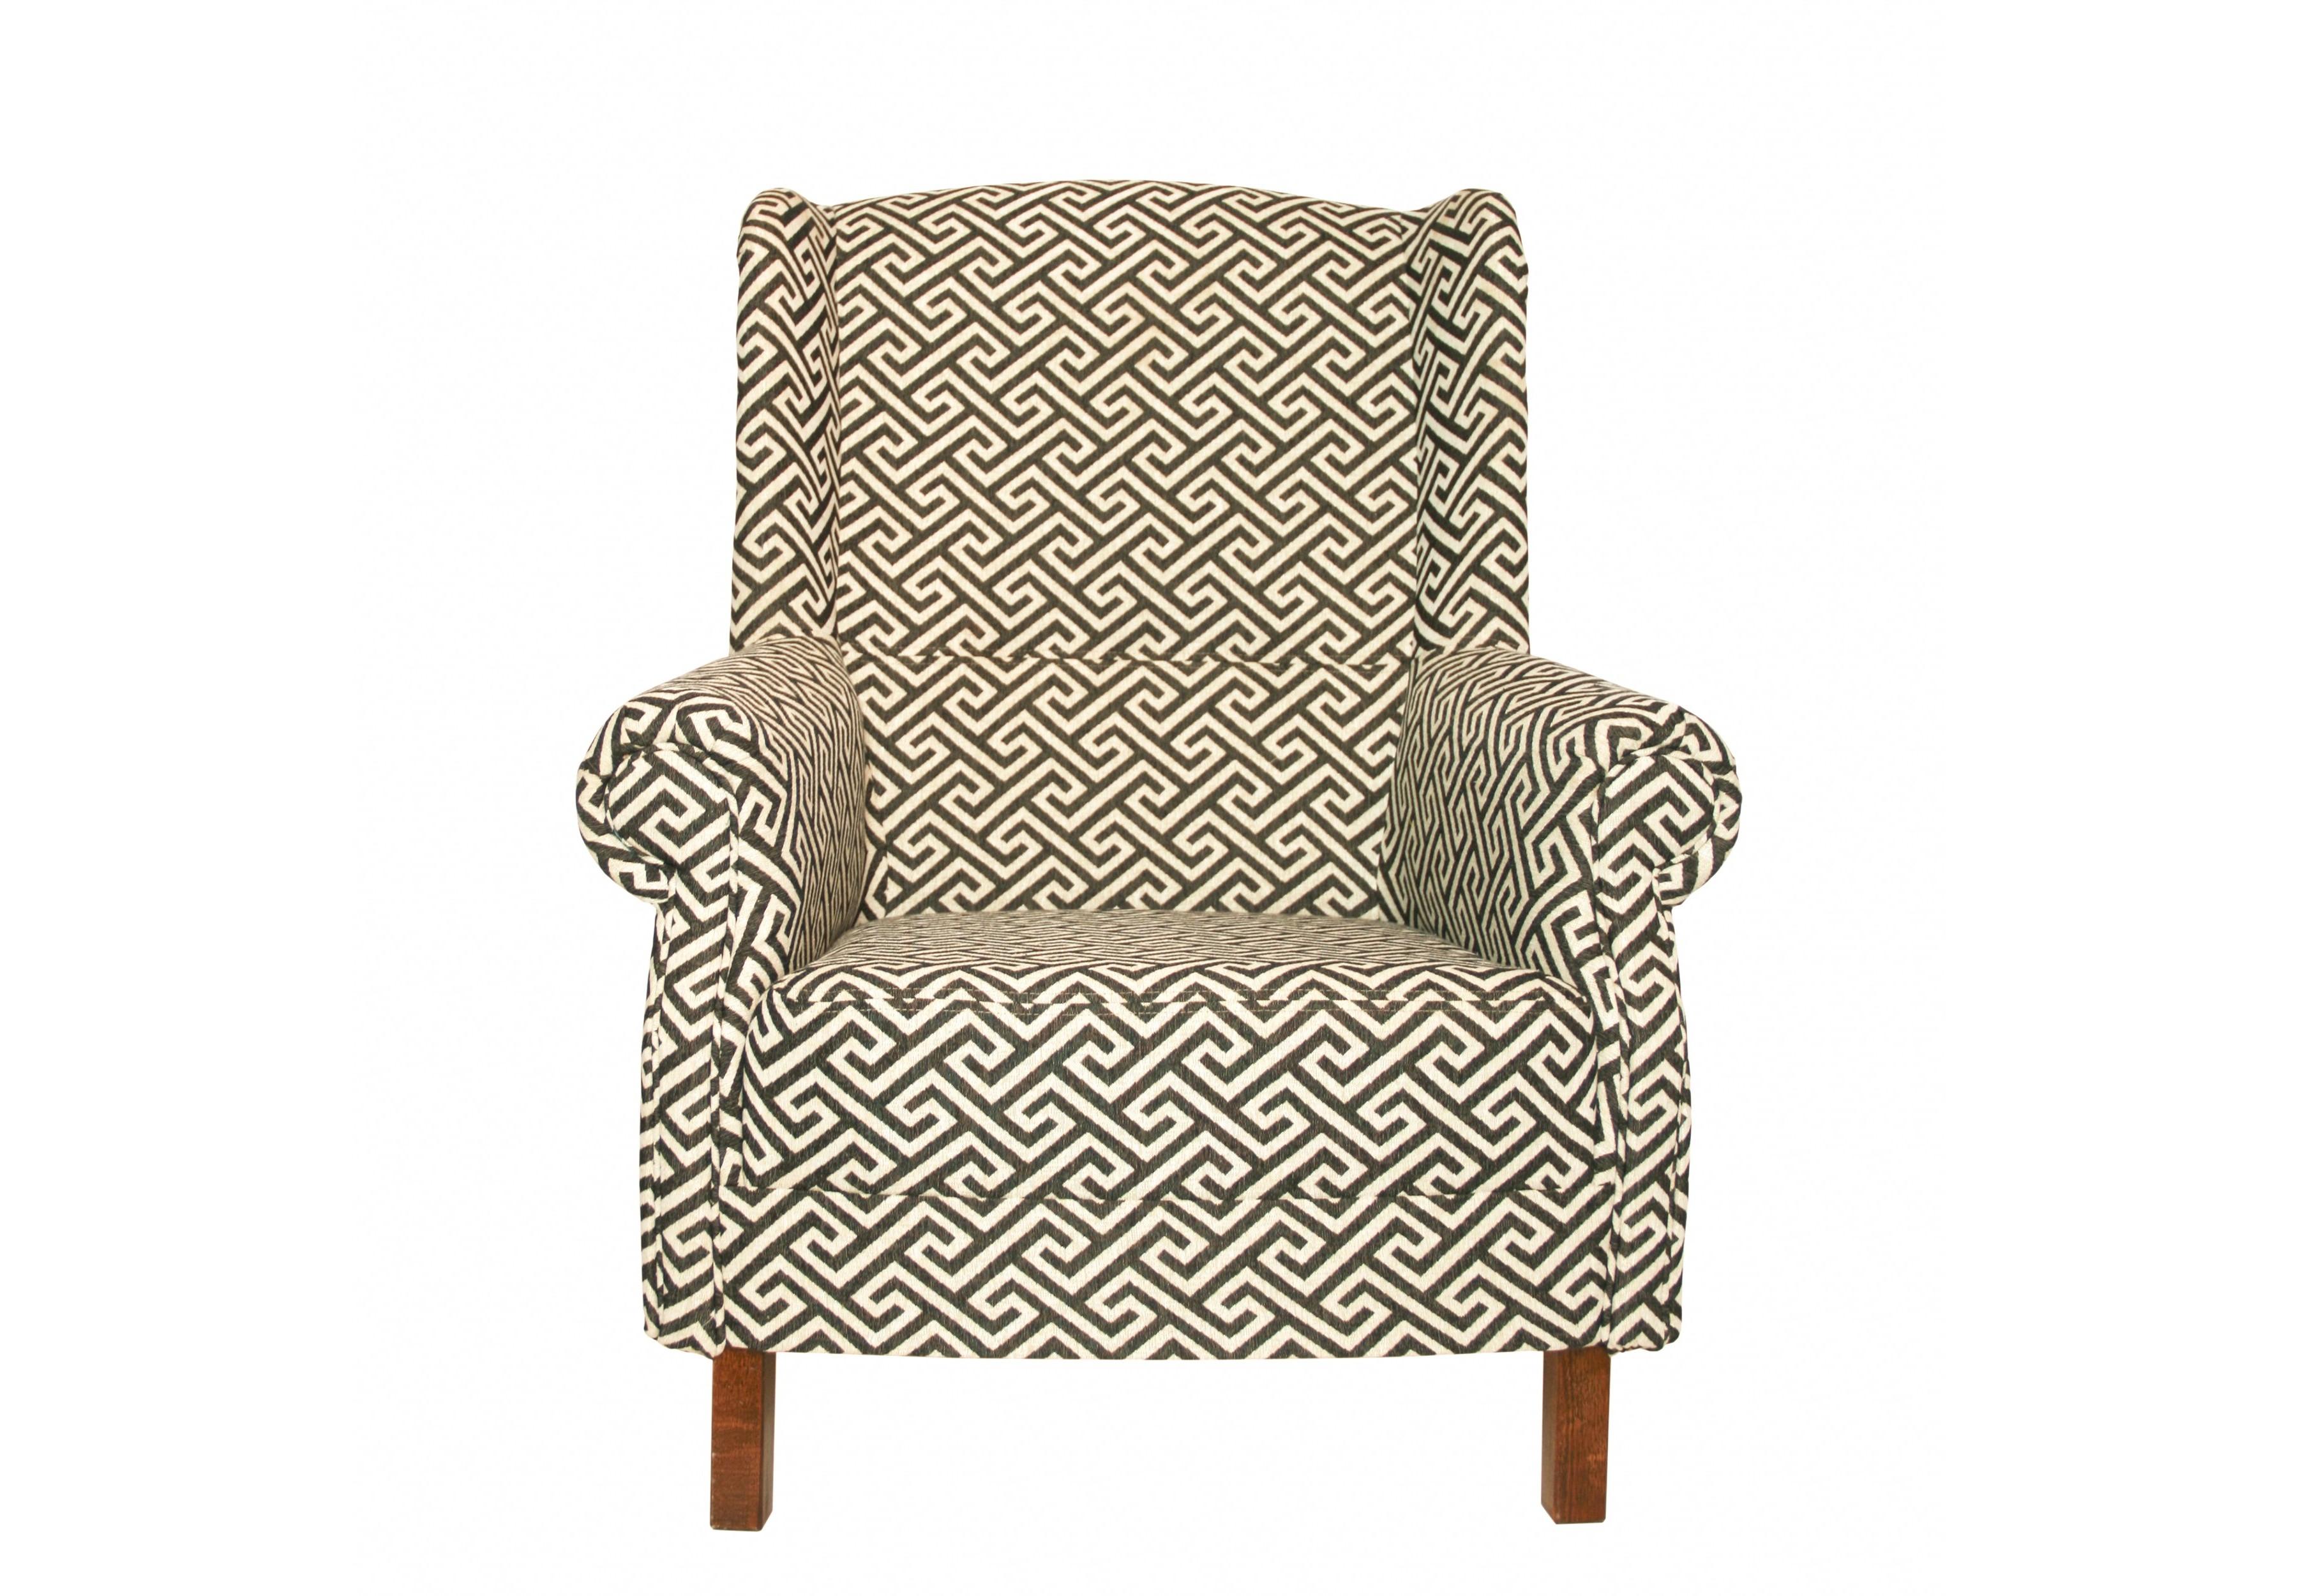 КреслоИнтерьерные кресла<br>Кресло в стиле Арт деко с геометрическим рисунком, обивка из гобелена.&amp;lt;div&amp;gt;Материал: каркас из массива бука, пружинный, ткань - 100% хлопок.&amp;lt;br&amp;gt;&amp;lt;/div&amp;gt;<br><br>Material: Текстиль<br>Ширина см: 87.0<br>Высота см: 100.0<br>Глубина см: 88.0